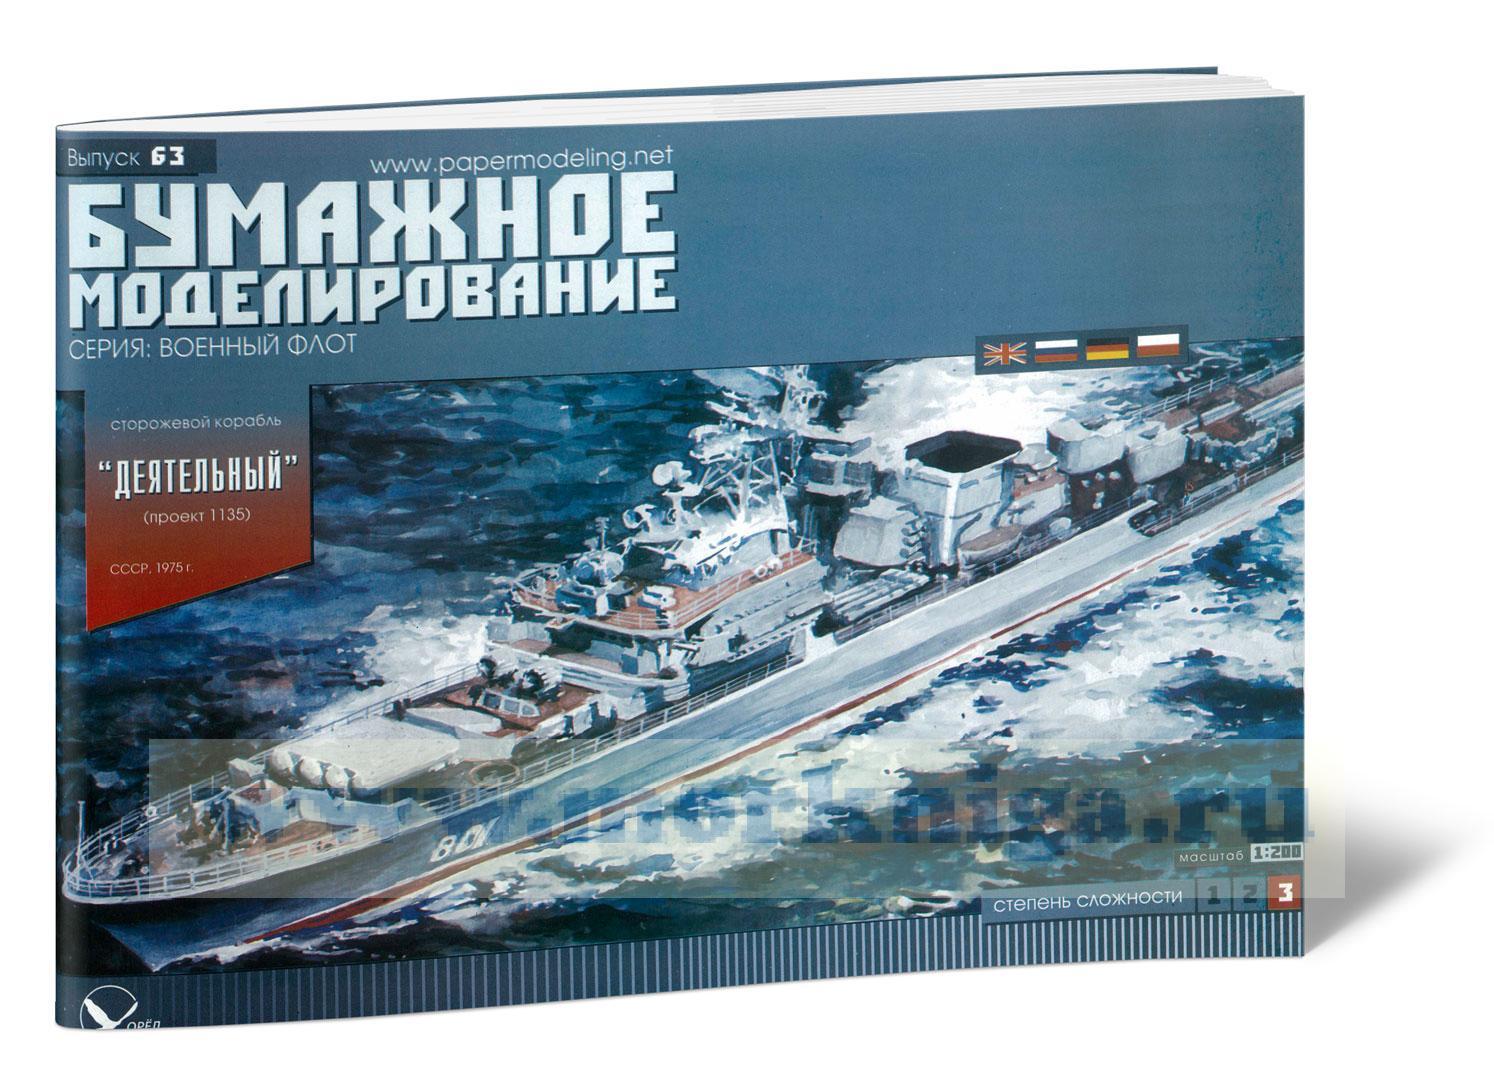 Бумажная модель сторожевого корабля